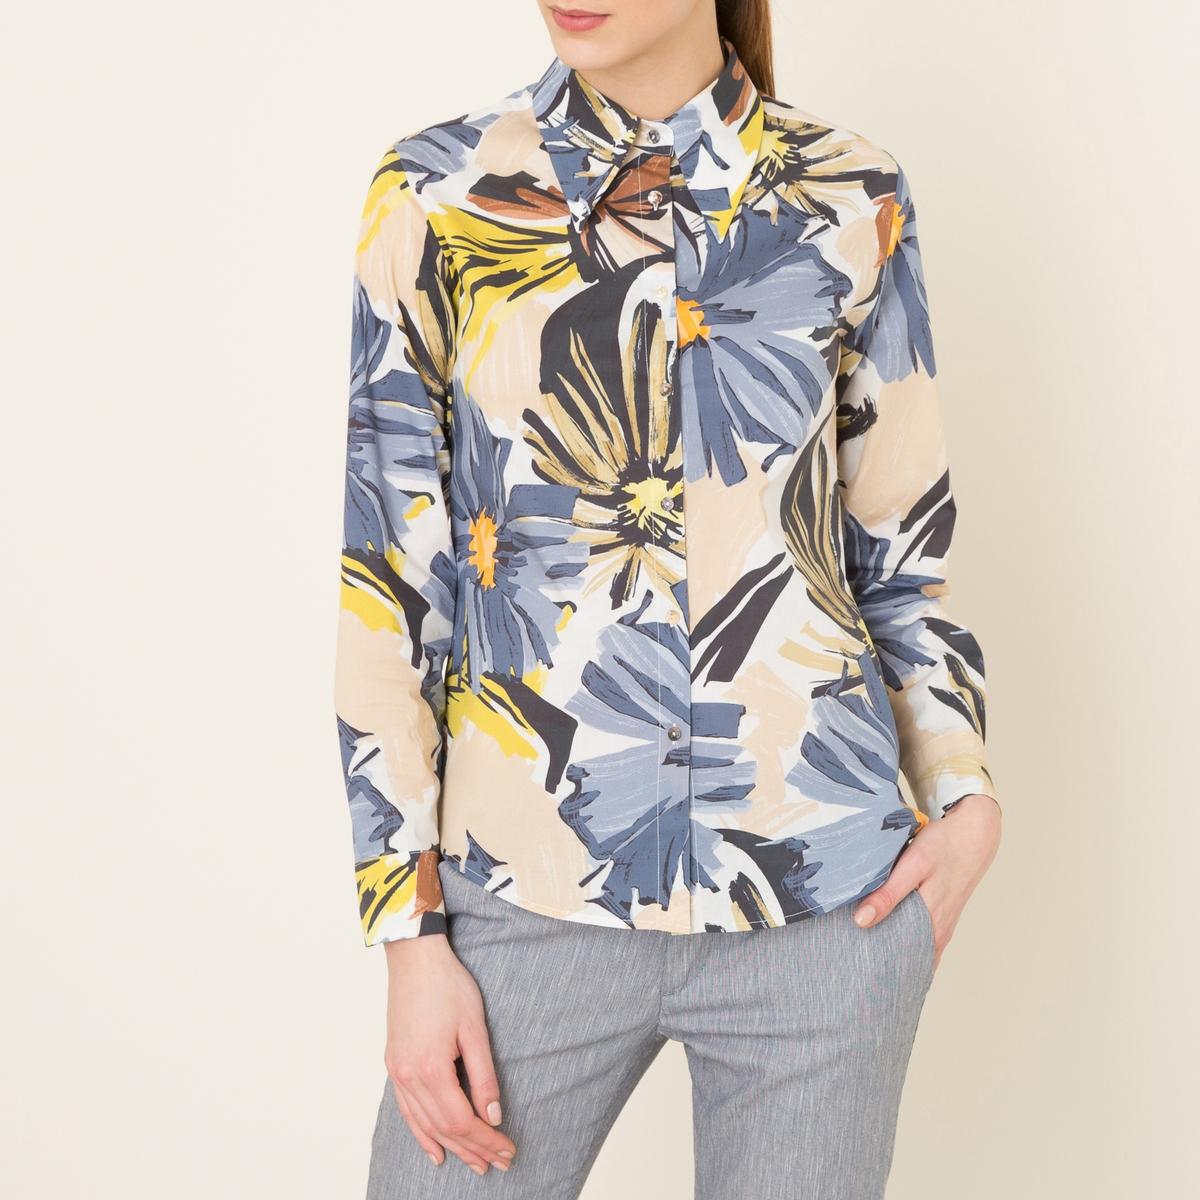 Рубашка с рисункомРубашка NIU - с принтом, из струящейся вуали. Рубашечный воротник с длинными кончиками . Застежка на пуговицы спереди. Длинные рукава, манжеты с застежкой на пуговицу. Отрезные детали сзади. Состав и описание Материал : 97% хлопка, 3% эластана Марка : NIU<br><br>Цвет: горчичный,синий